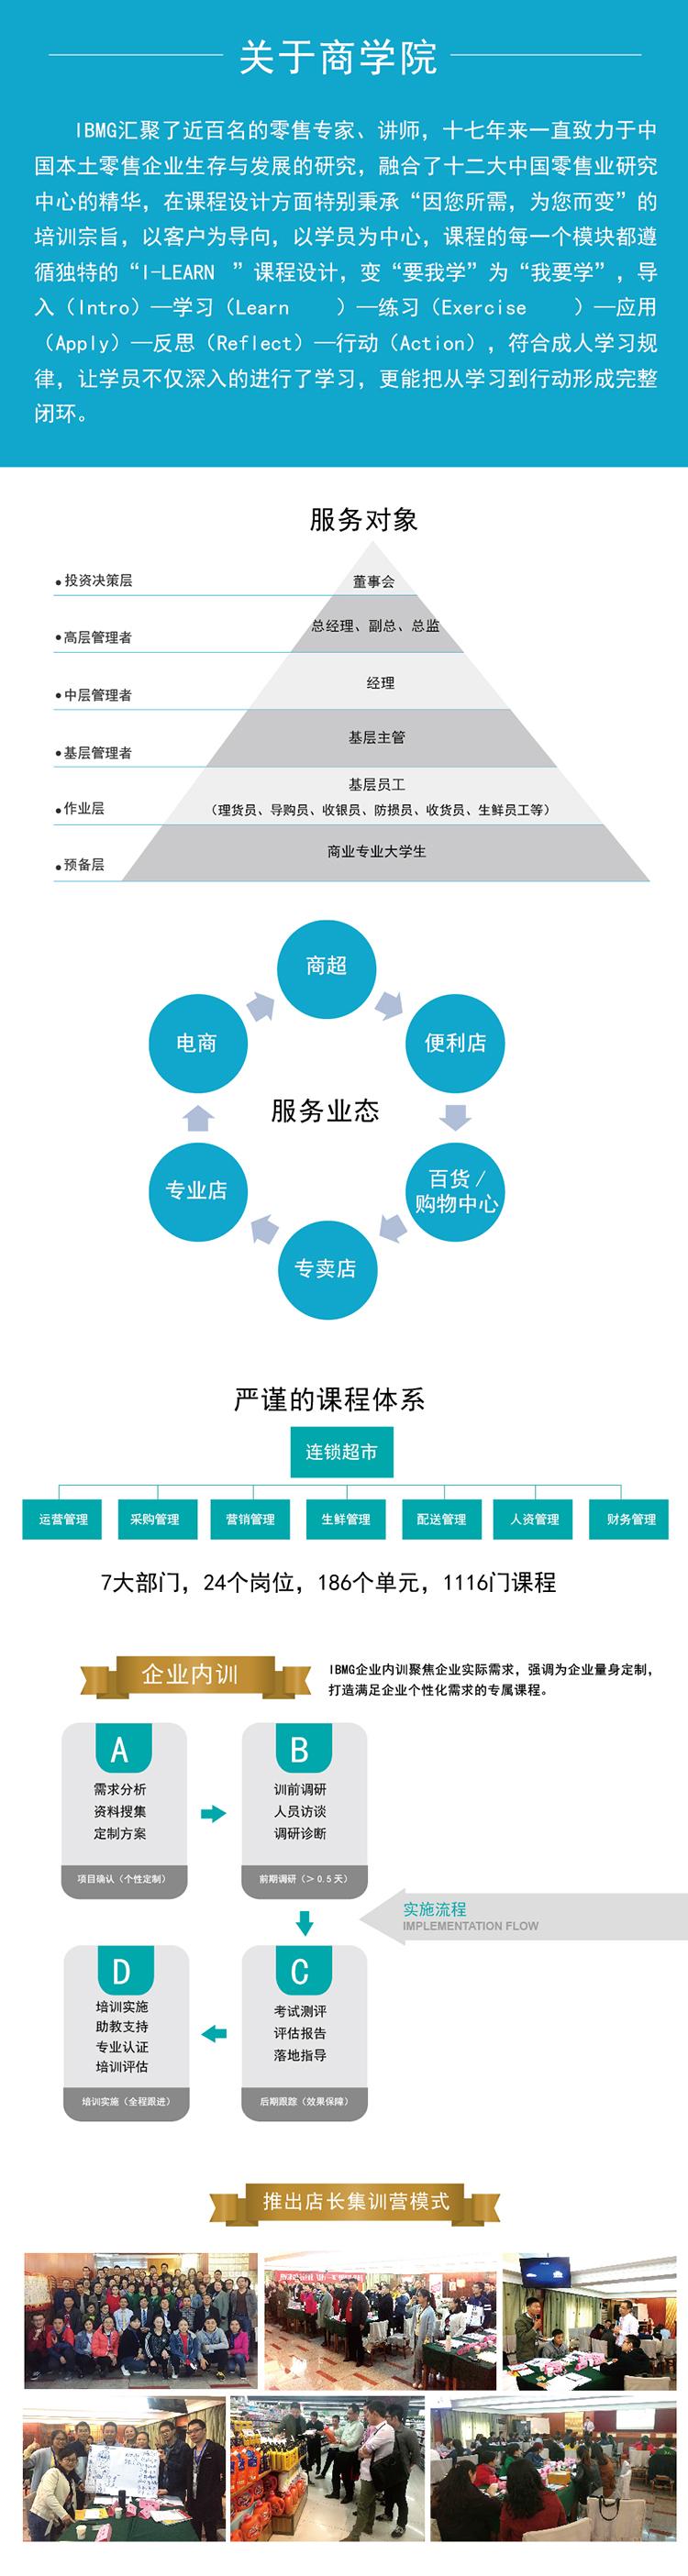 关于商学院-01.jpg